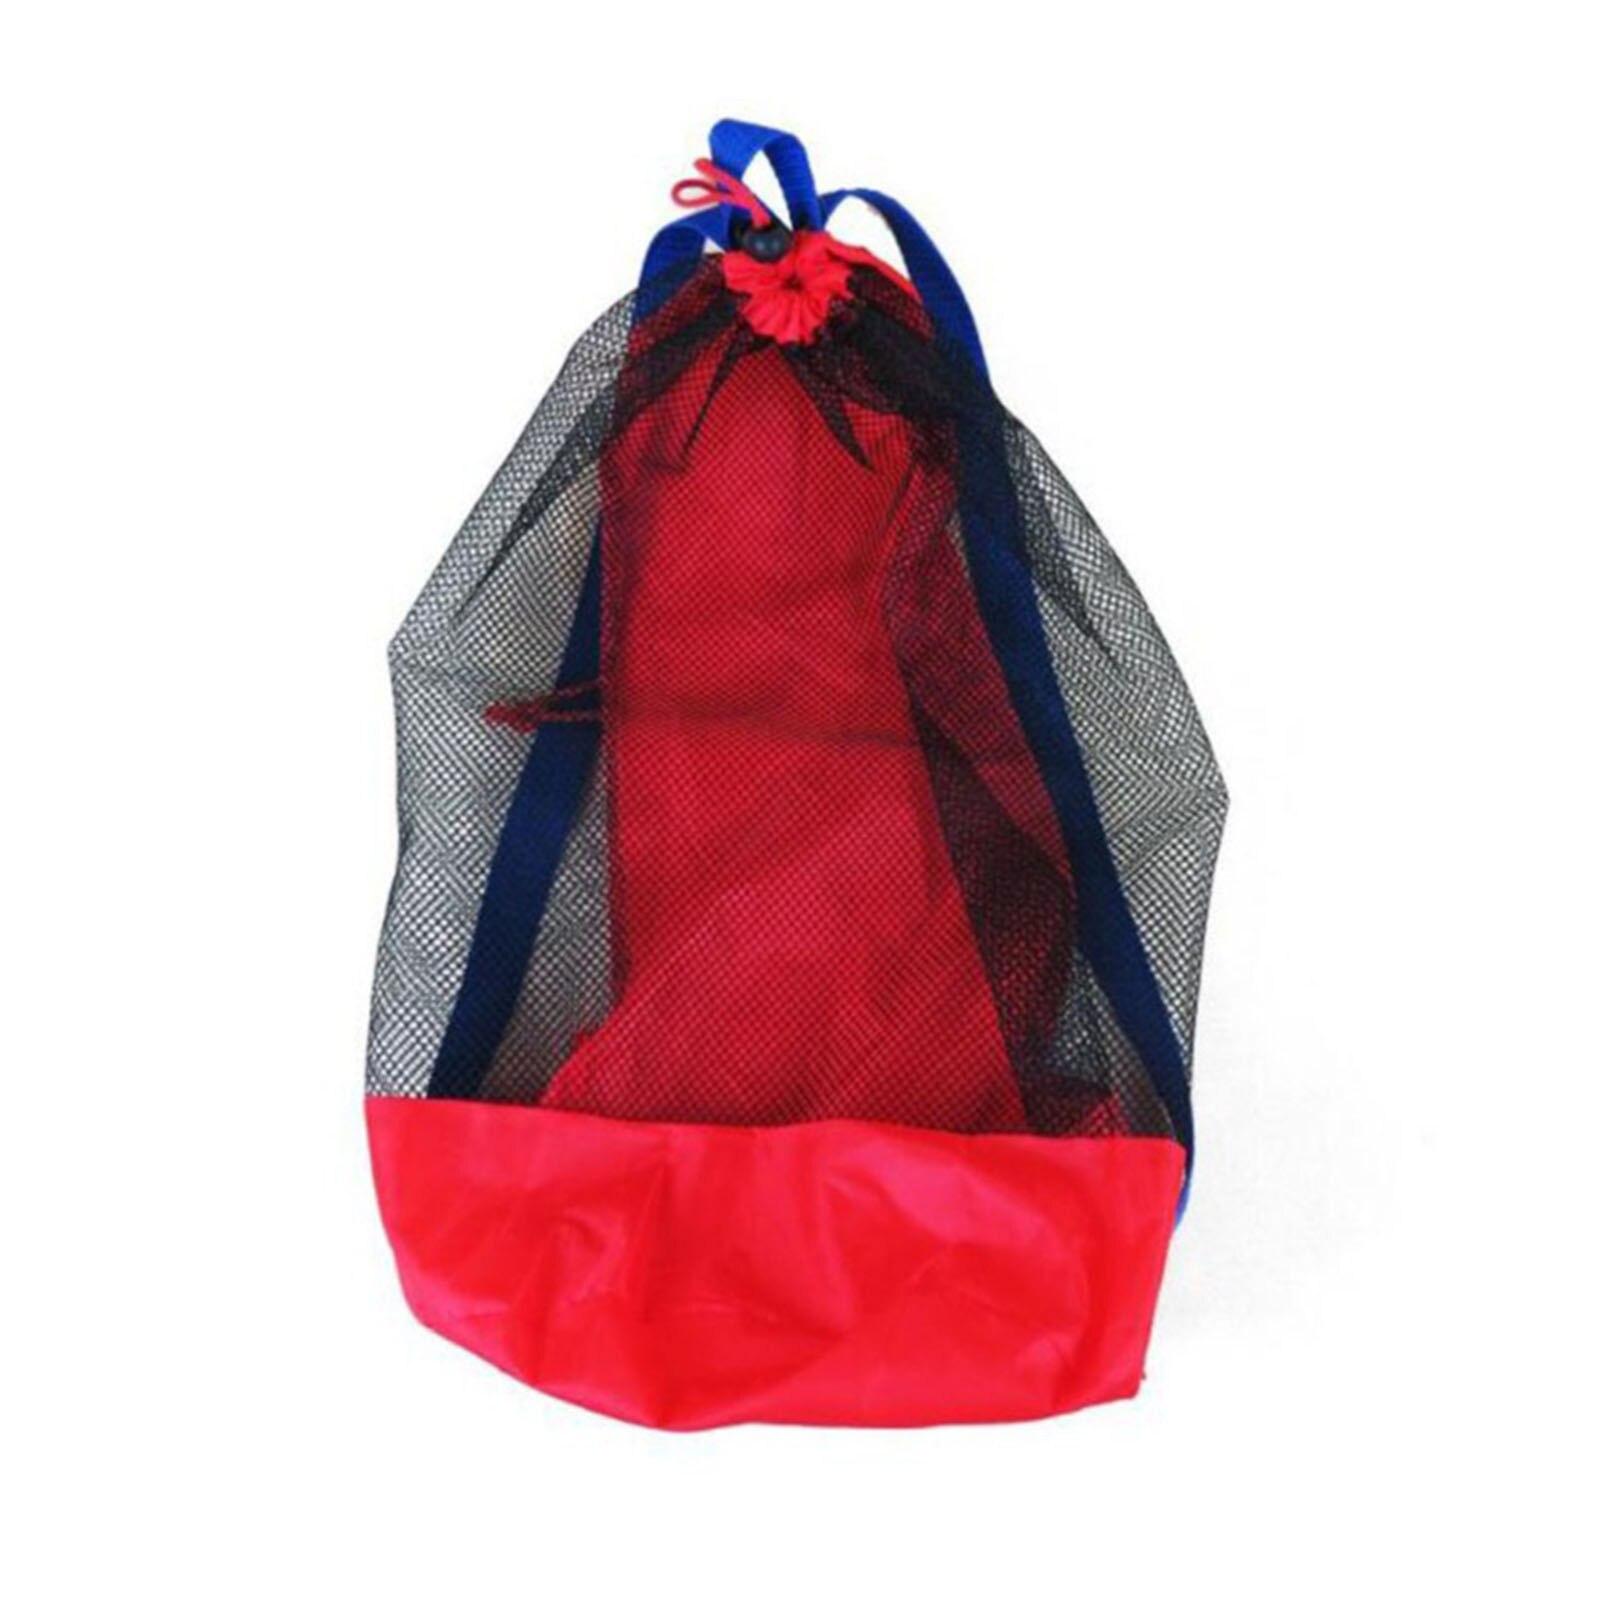 Портативные Детские сетчатые сумки для морского хранения, детская пляжная Сетчатая Сумка с песком для игрушек, водный спорт, одежда для ван...